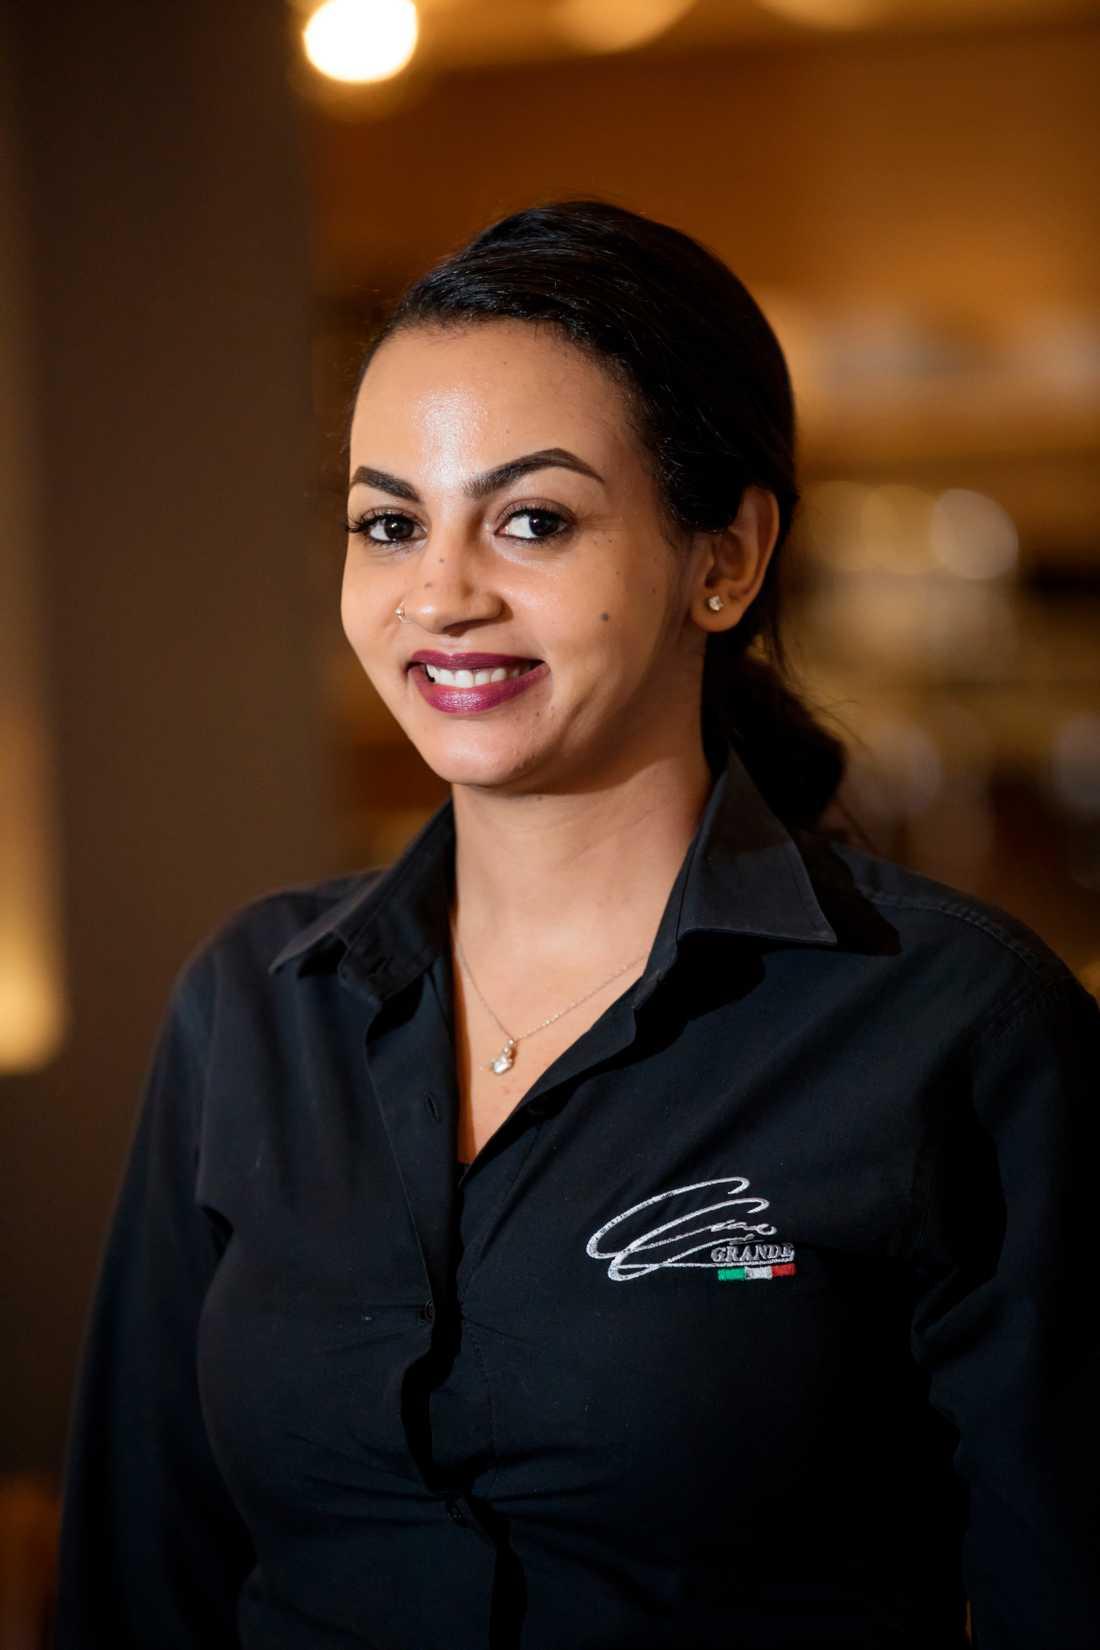 Jemila Hassen Hussen kom till Sverige för tre år sedan och jobbar i dag som servitris.